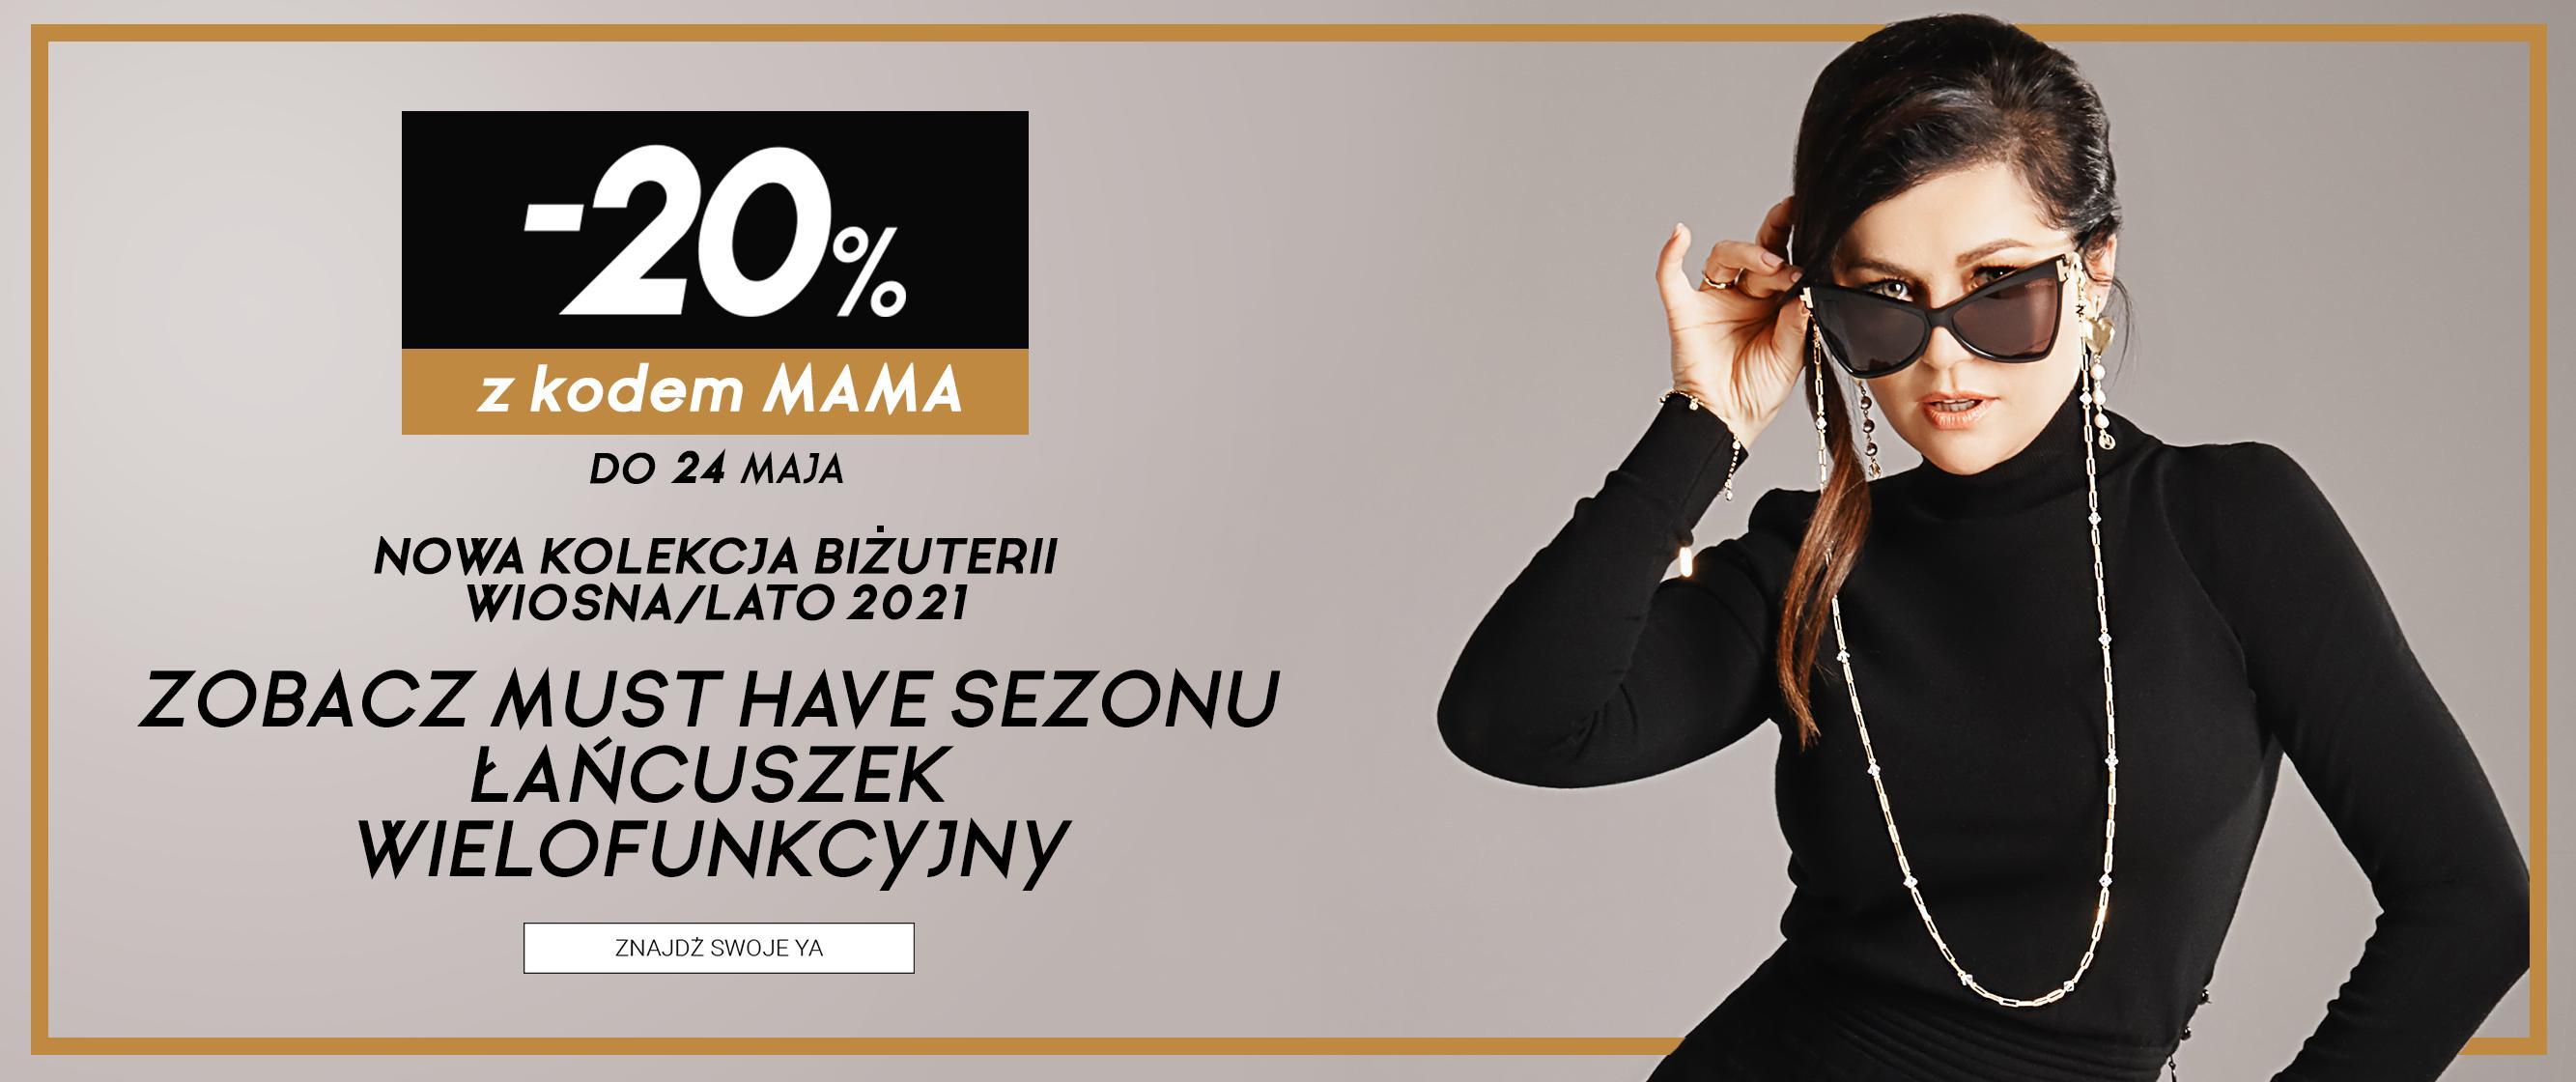 YA Cichopek: 20% rabatu na nową kolekcję biżuterii wiosna-lato 2021